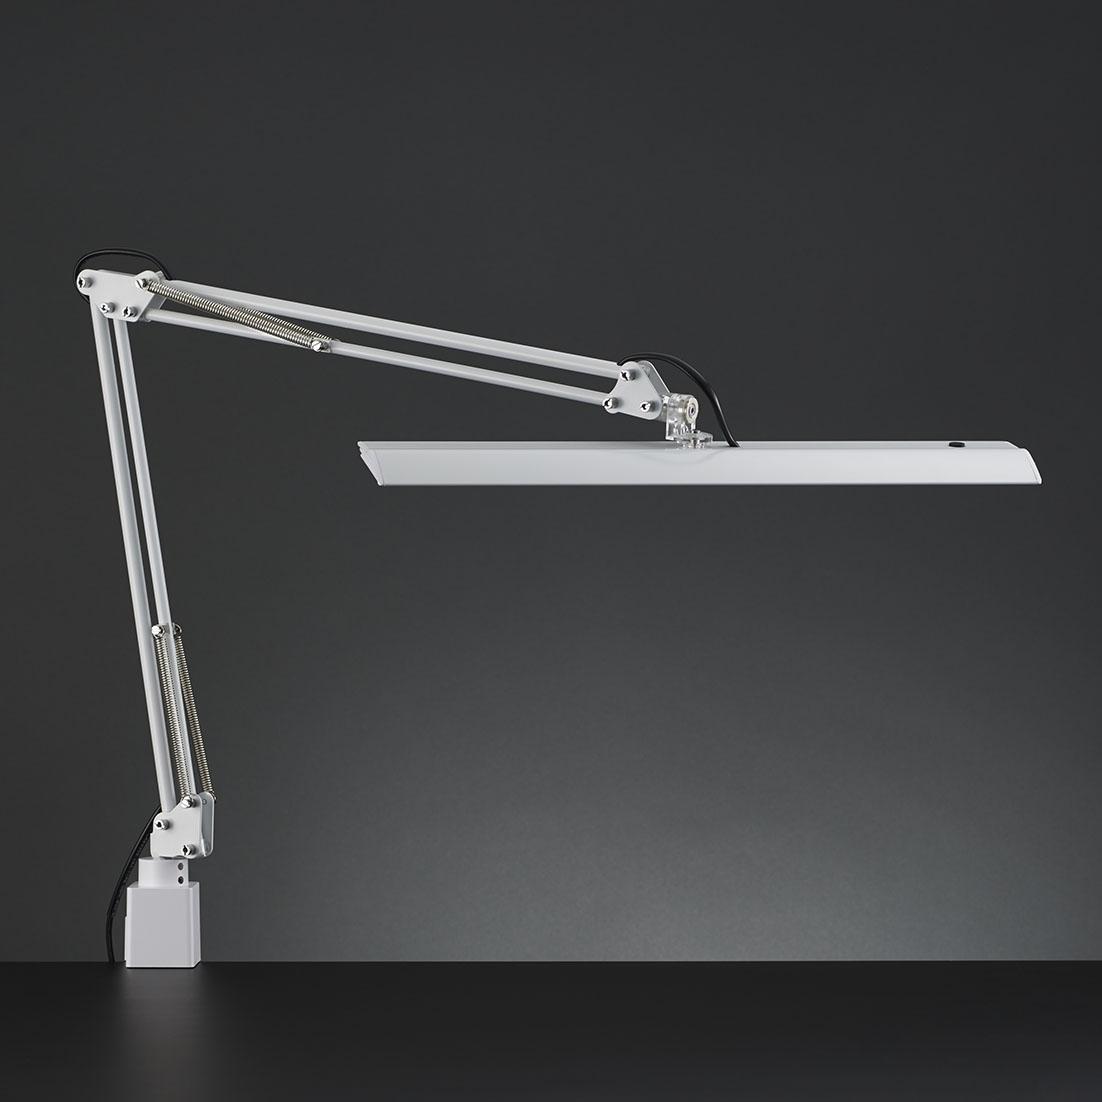 山田照明 Z-LIGHT デスクランプ LEDタイプ Z-10NW(ホワイト)